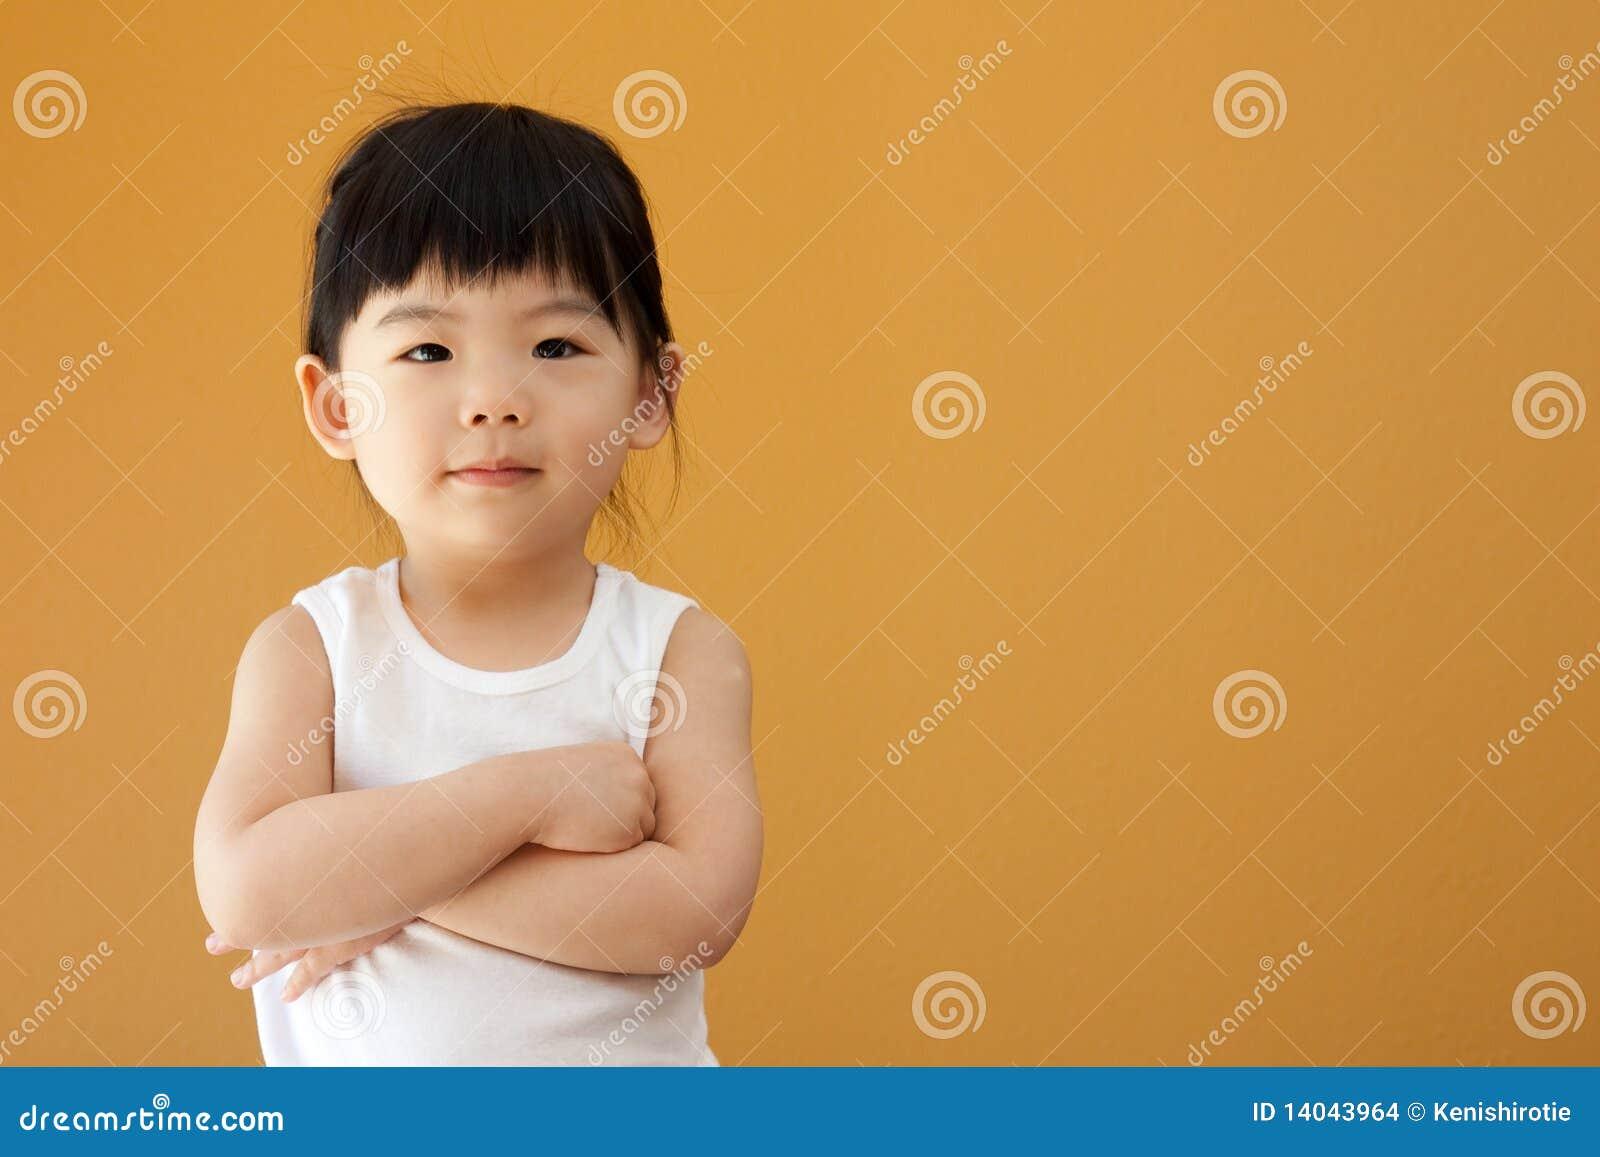 Фото маленькие азиатские девочки 5 фотография